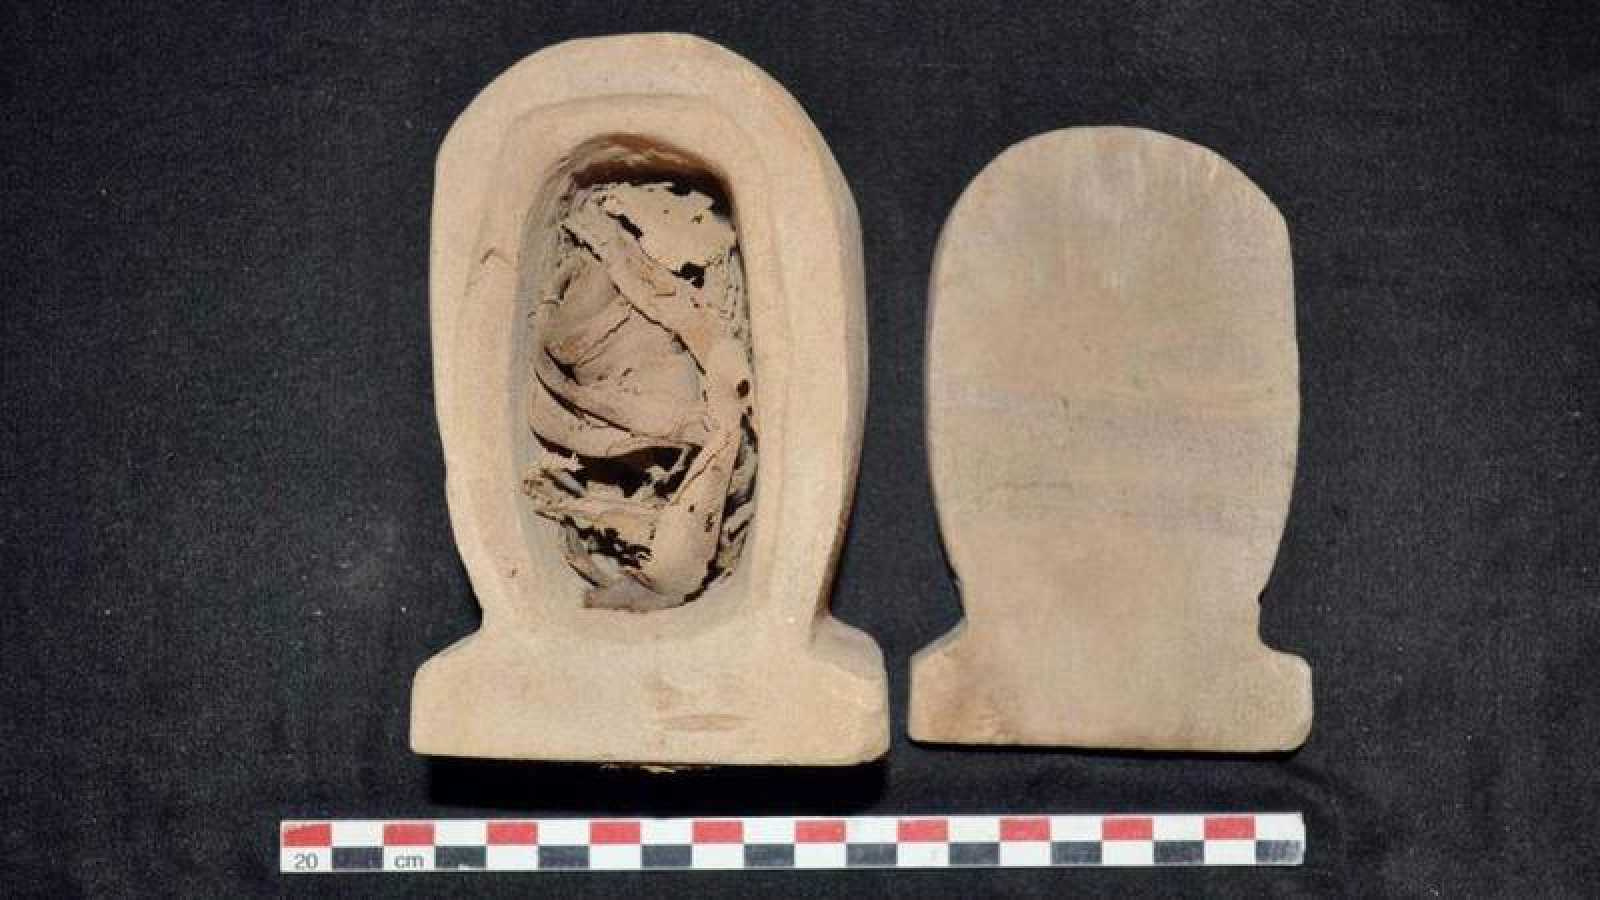 Se cree que las nuevas tumbas podrían formar parte de la necrópolis del este de Asuán por la similitud del diseño arquitectónico.